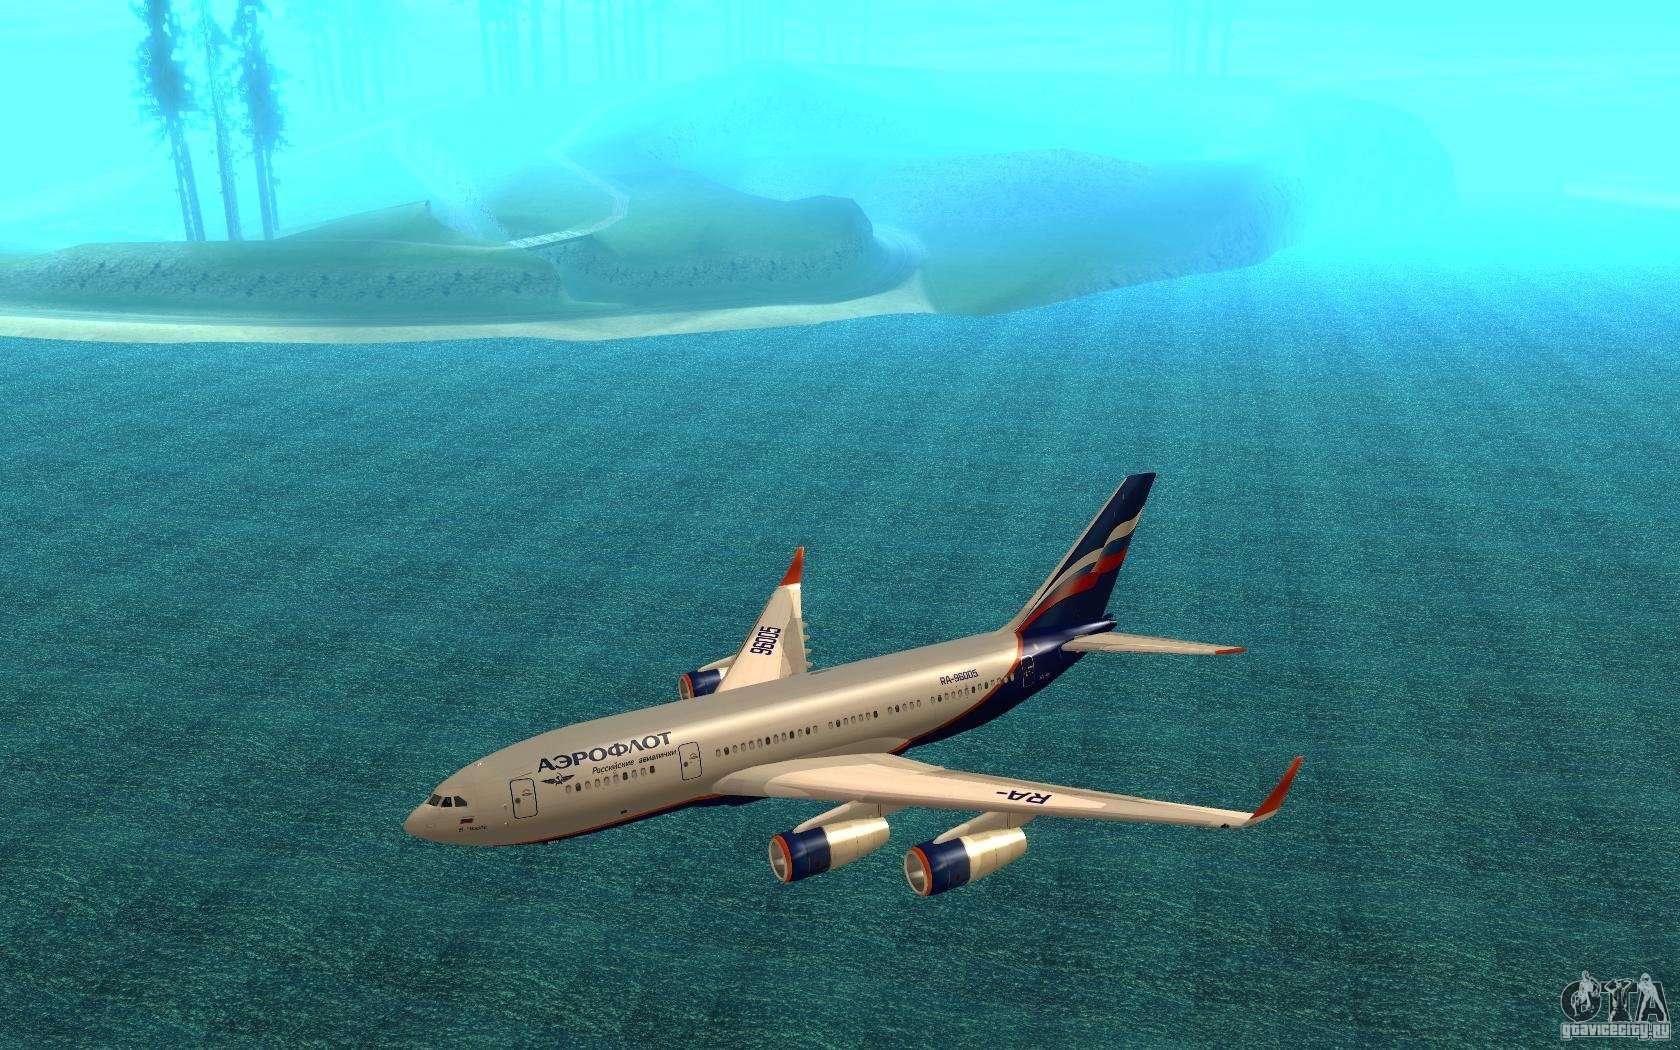 Картинки самолетов в гта сан андреас